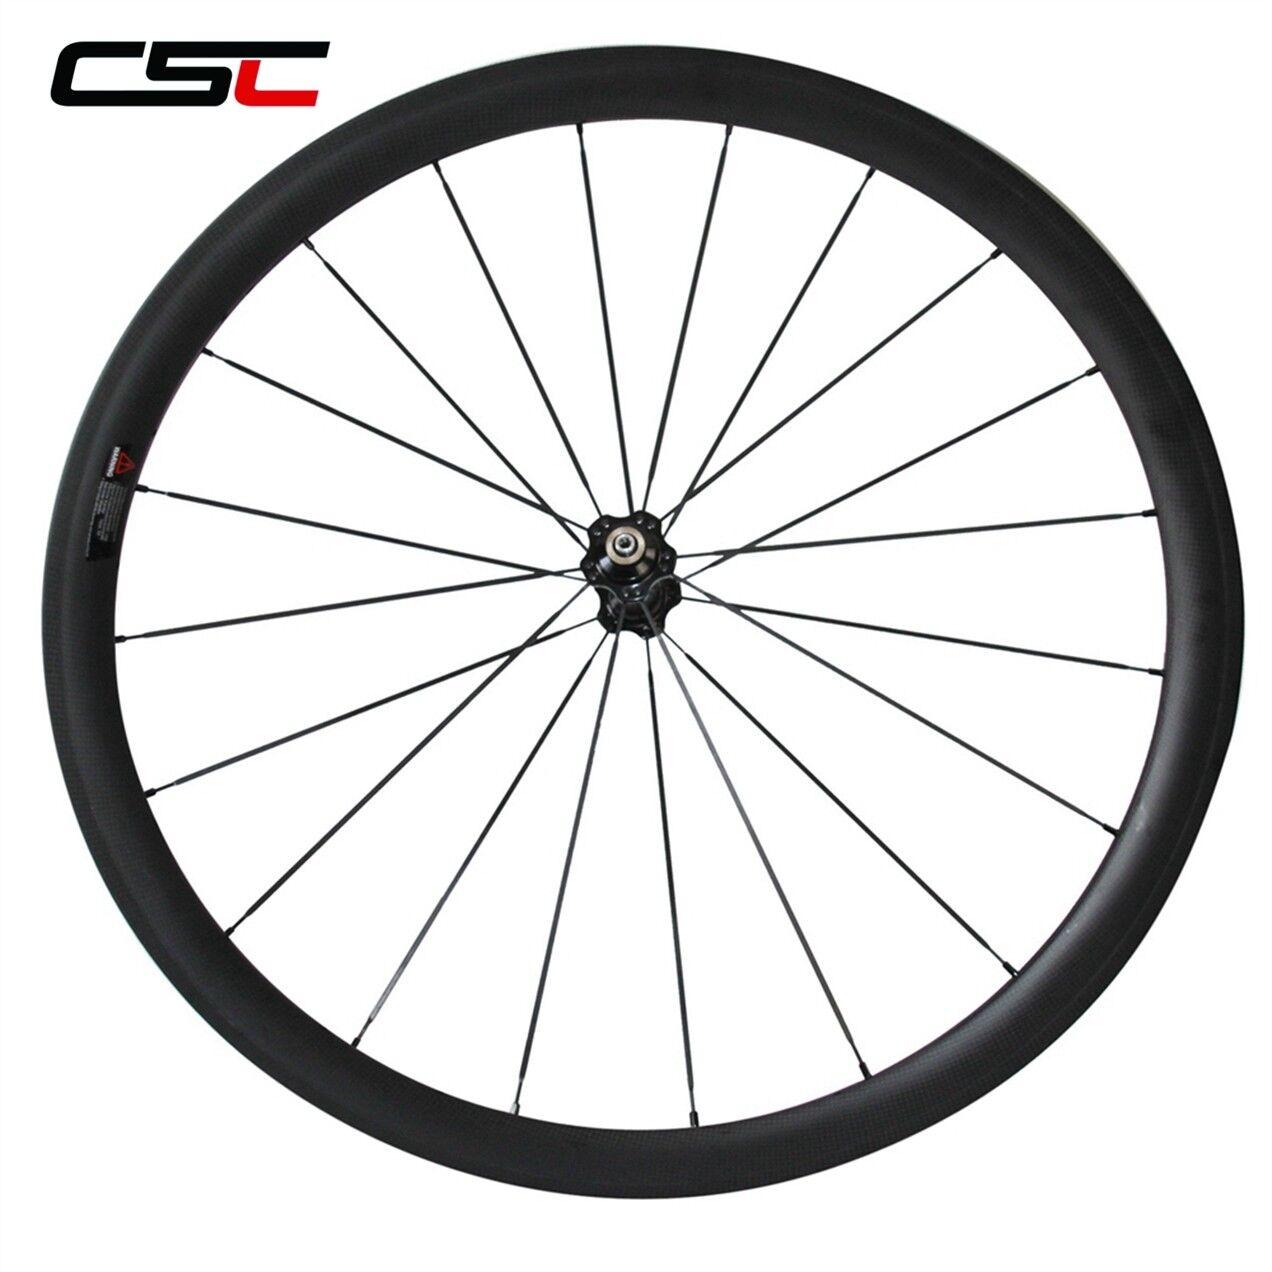 700 C sólo frontal de carbono bicicleta de carretera Remachador Tubuar ruedas de carbono y Novatec hub